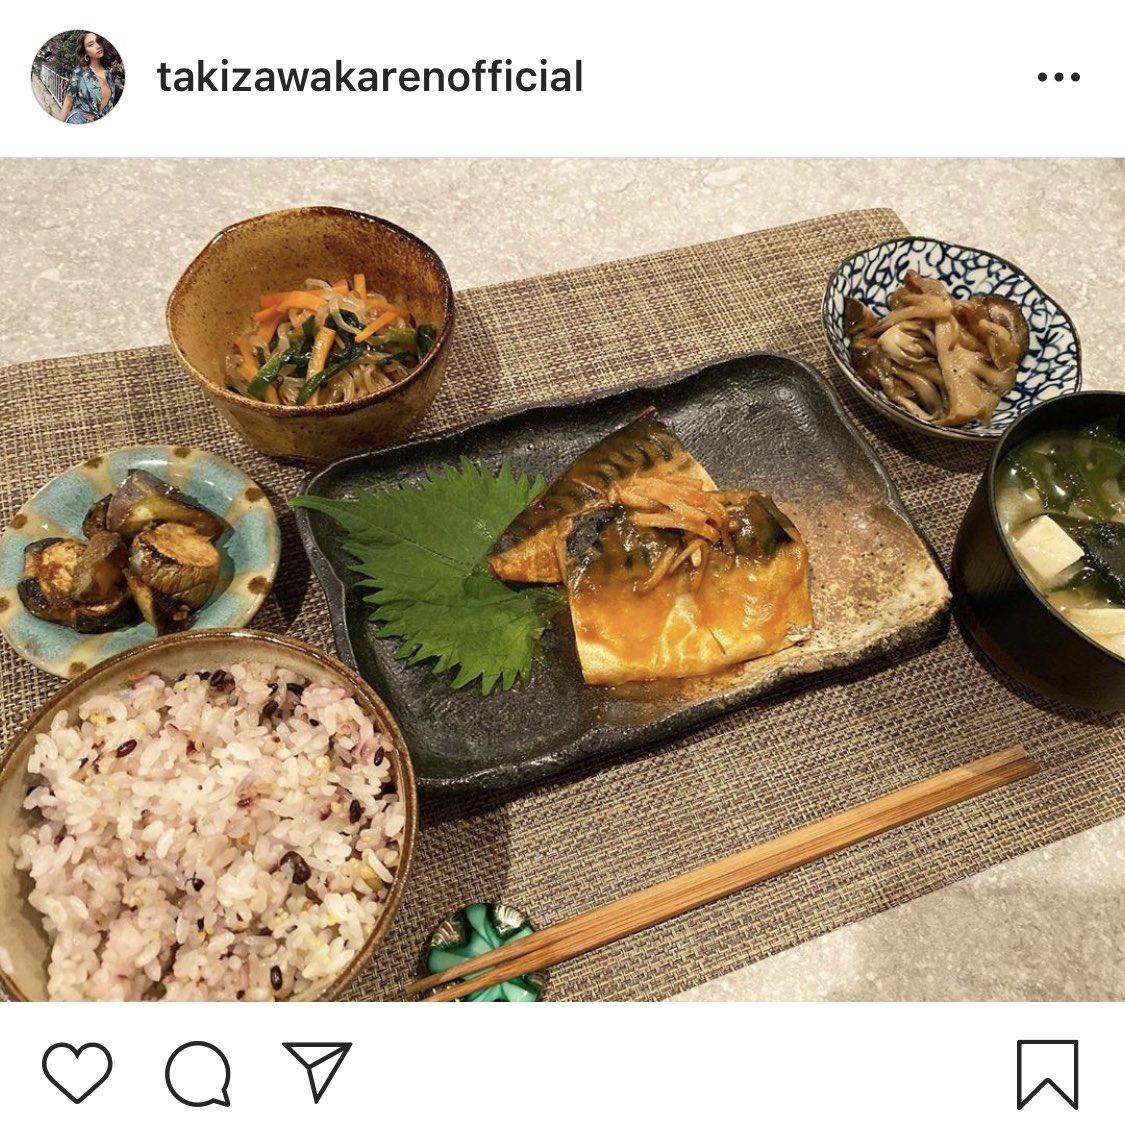 滝沢カレンさんがインスタにアップしてる食事の栄養バランスが完璧すぎるからみんなに見てほしい。